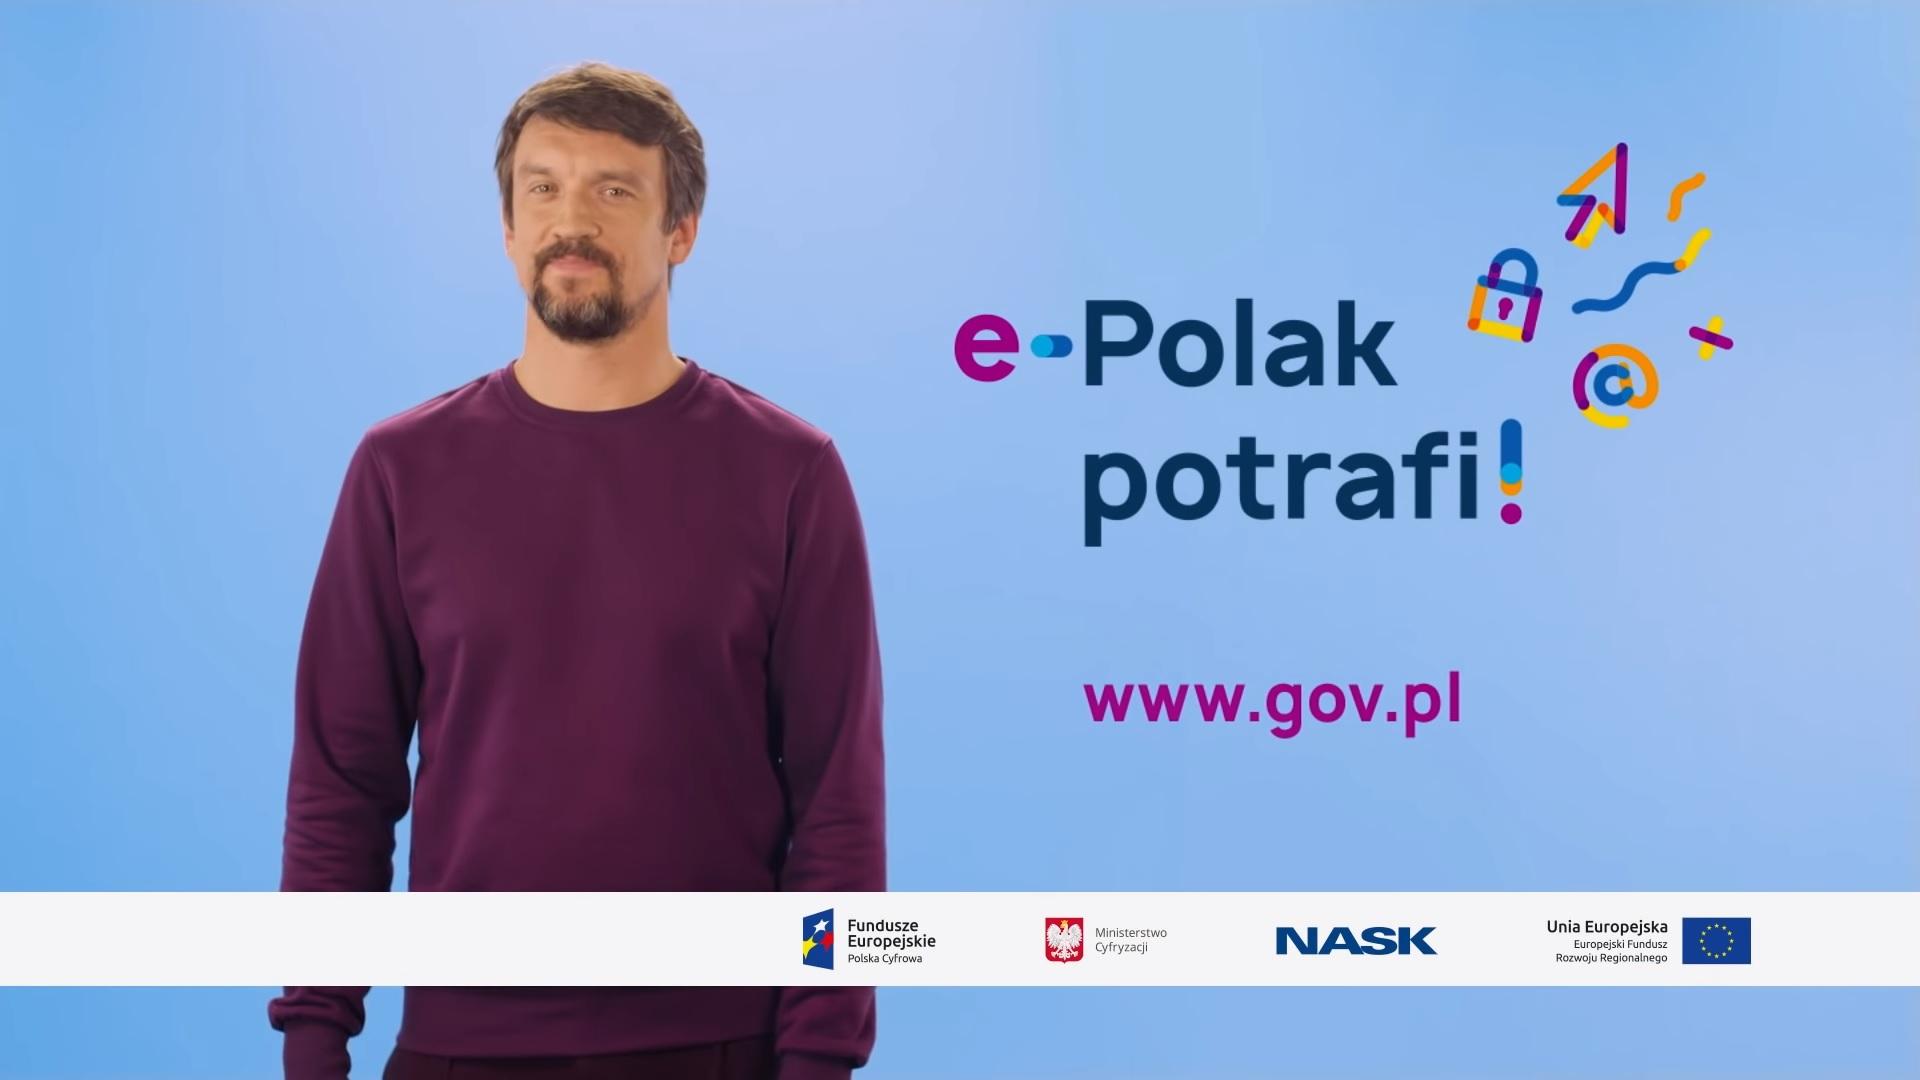 Polacy coraz częściej załatwiają sprawy urzędowe przez internet 17 sprawy urzędowe przez internet